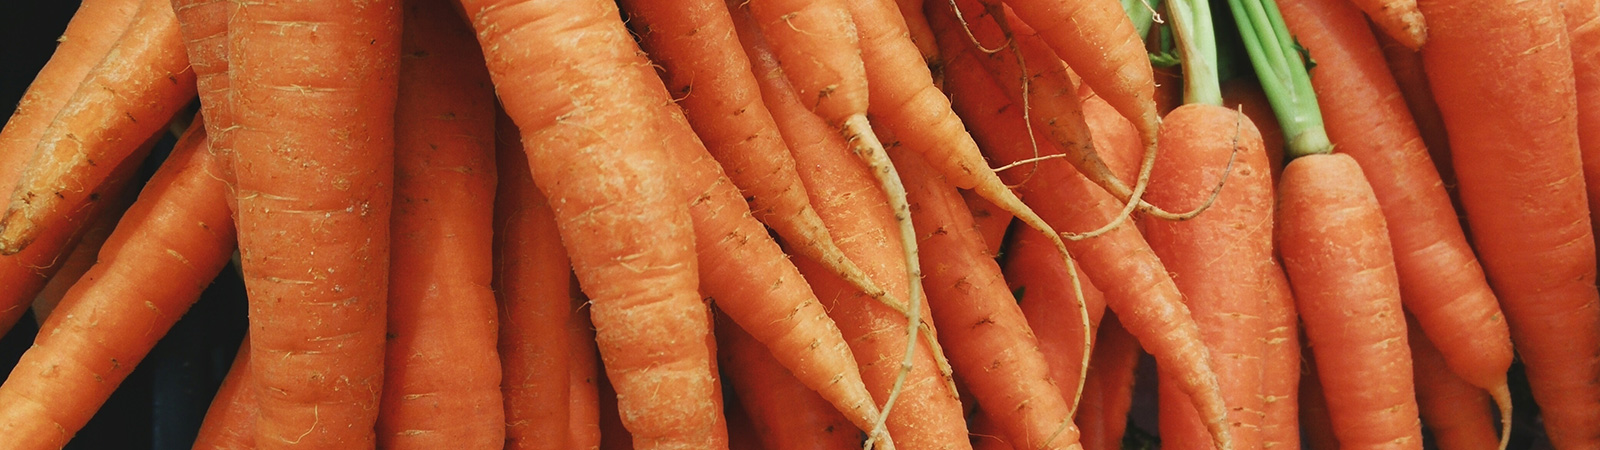 Zanahoria - Cultivos Gat Fertilíquidos